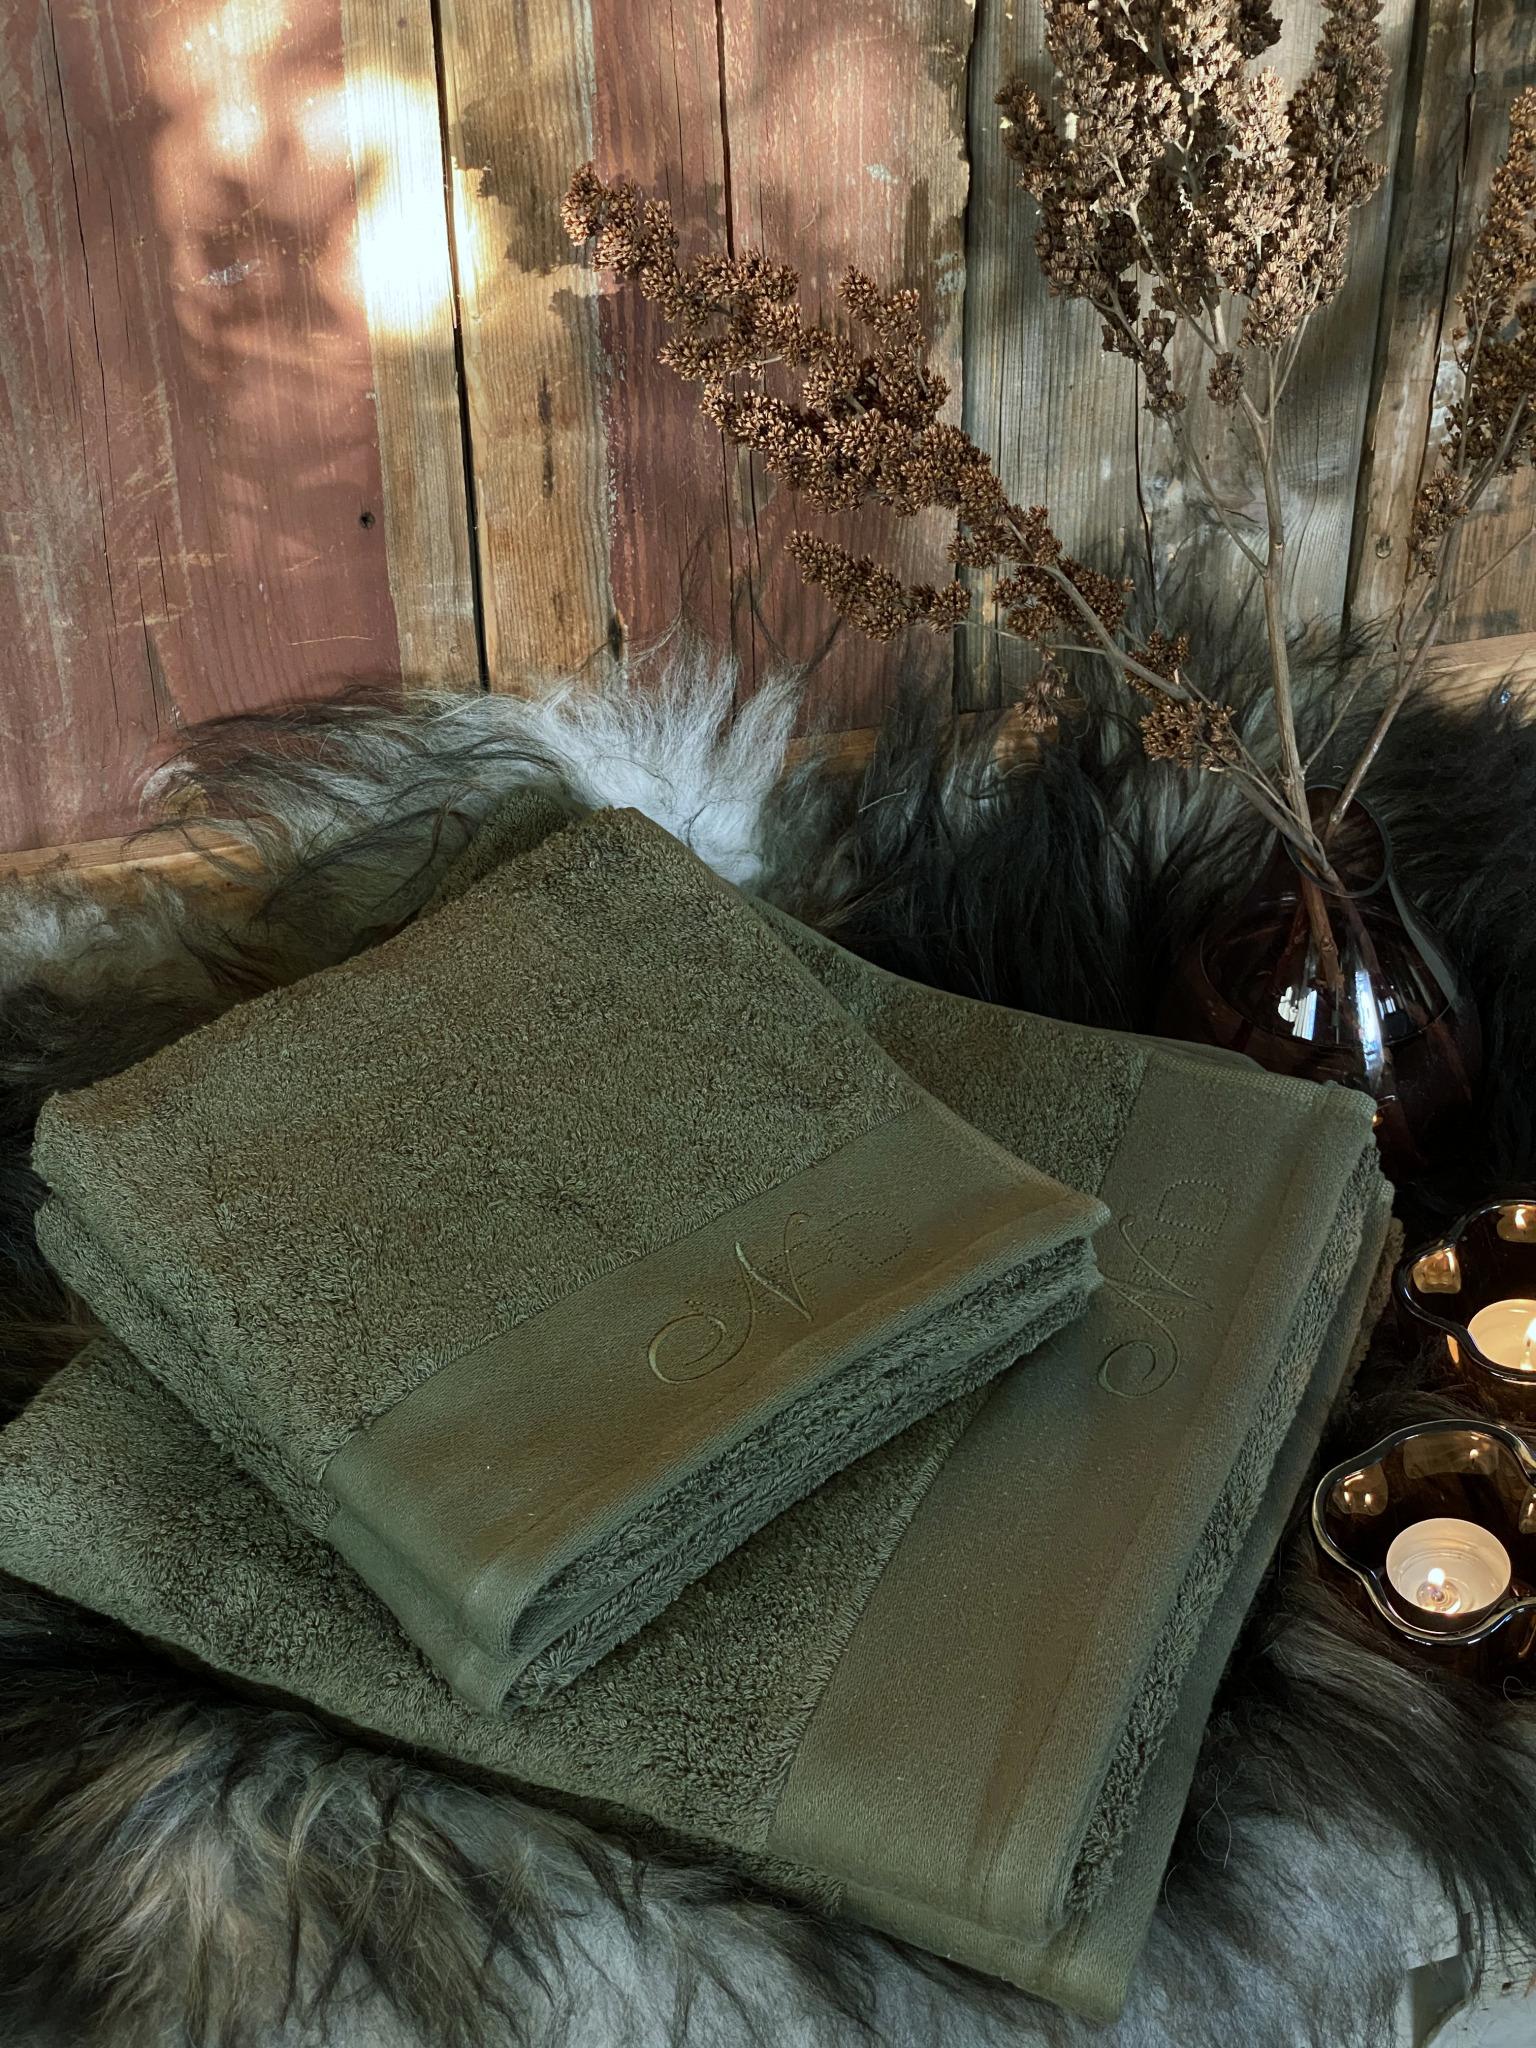 Nord Oliven håndklær miljø